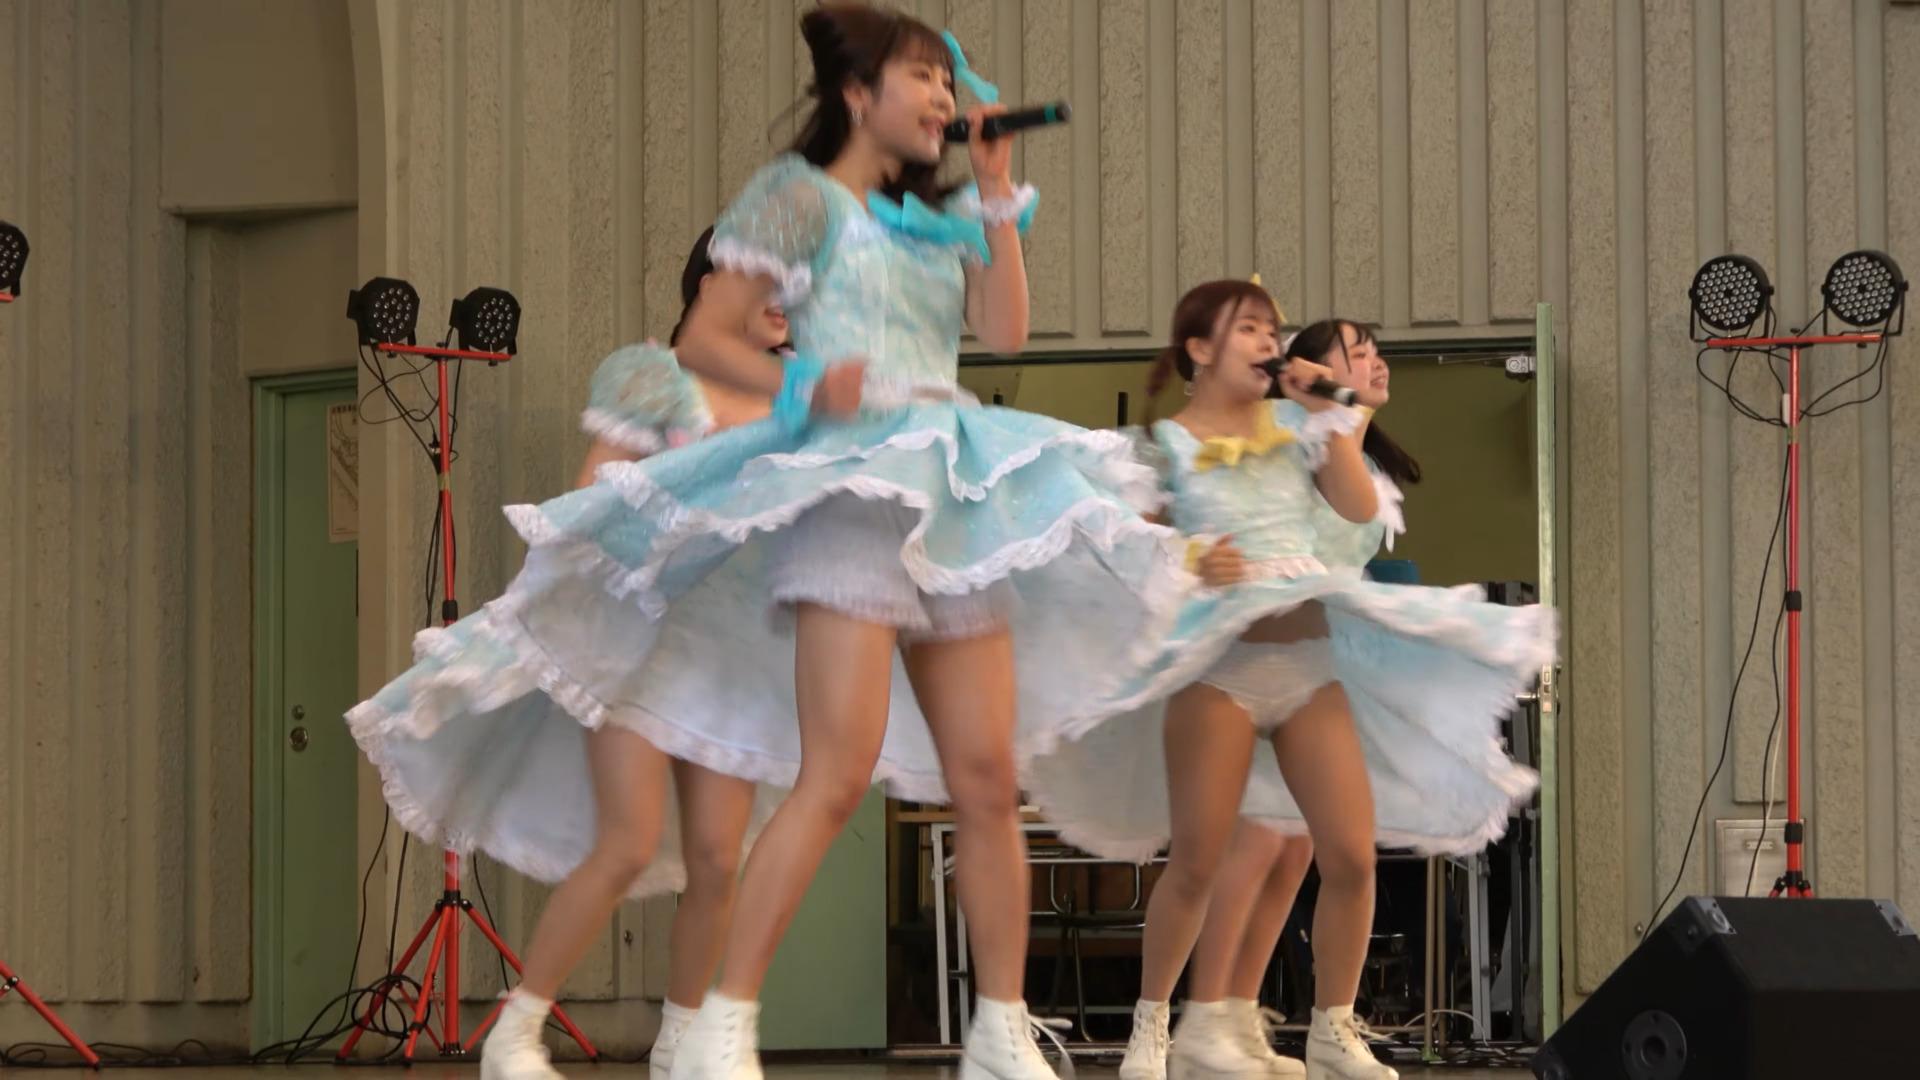 2020/12/6 ハッピースマイル♡シンデレラ アイドルキャンパス(上野恩賜公園野外ステージ) 02:02